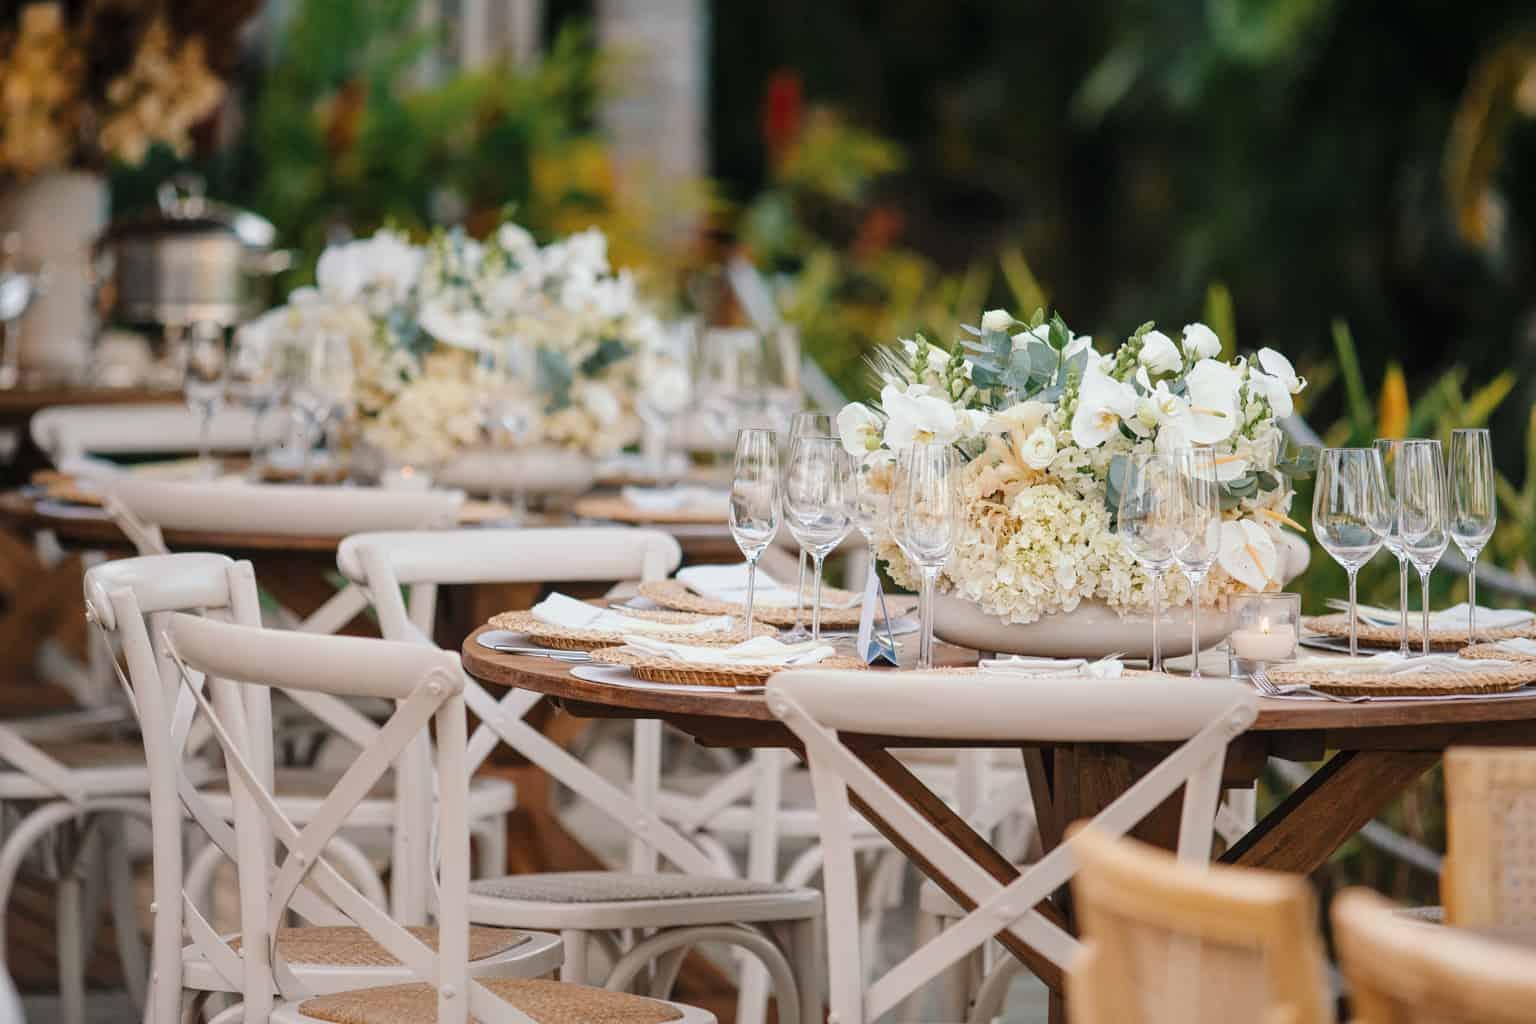 Casamento-Alissa-e-Gustavo-Cerimonial-Manu-Goncalez-Decor-Andrea-Kapps-Fasano-Angra-dos-Reis-Foto-VRebel-Decoracao7929